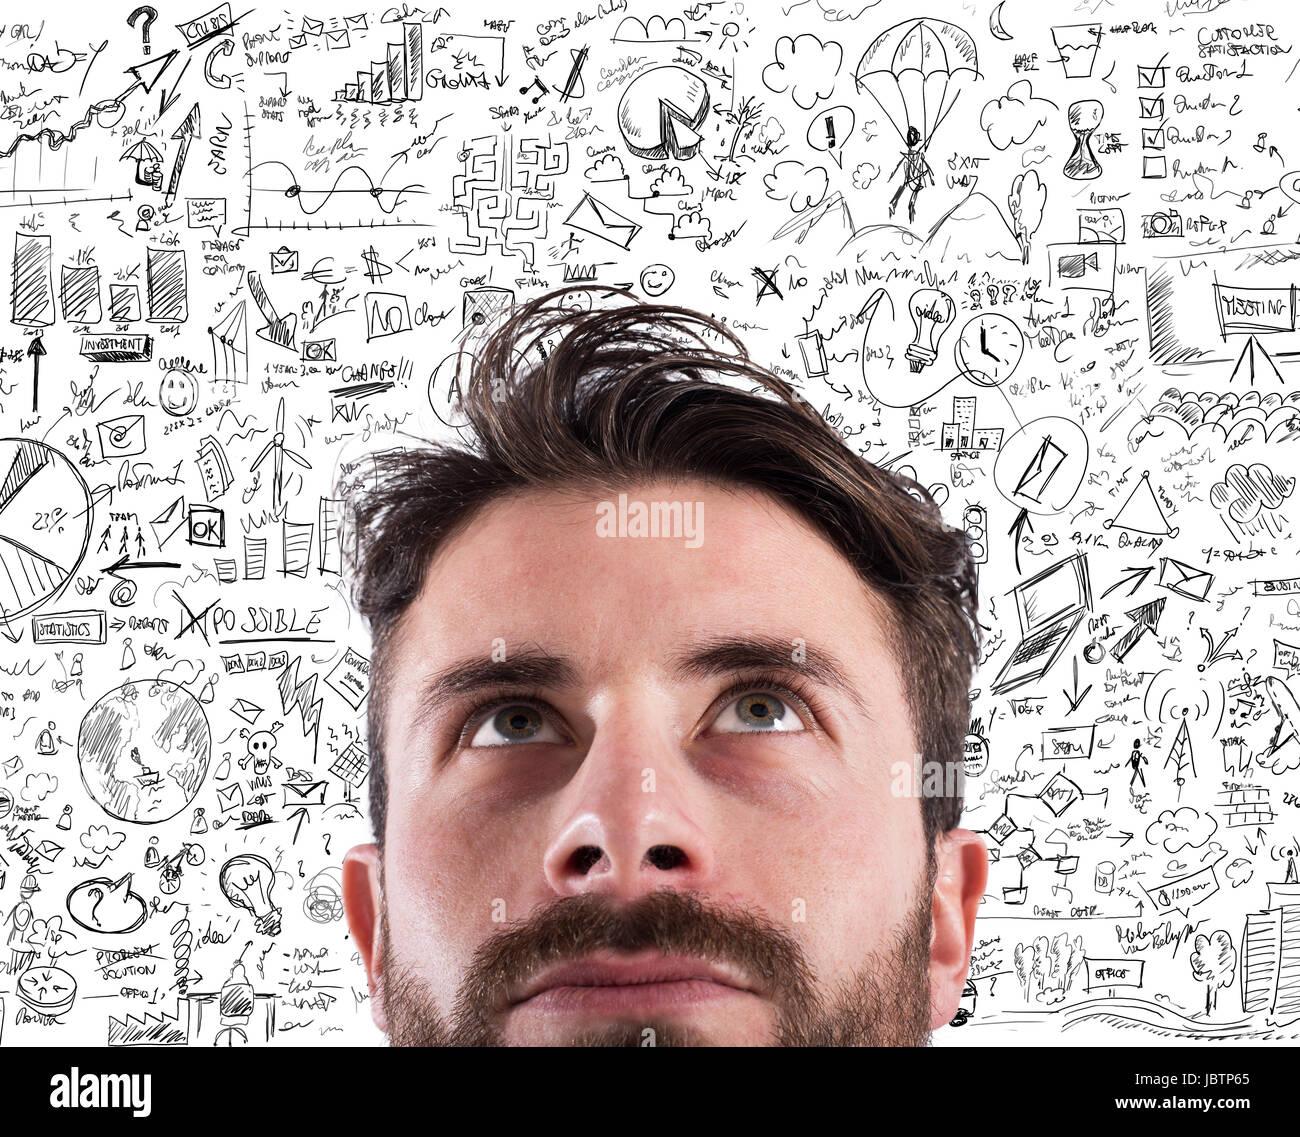 Nuovo business idea creativa di un progetto Immagini Stock